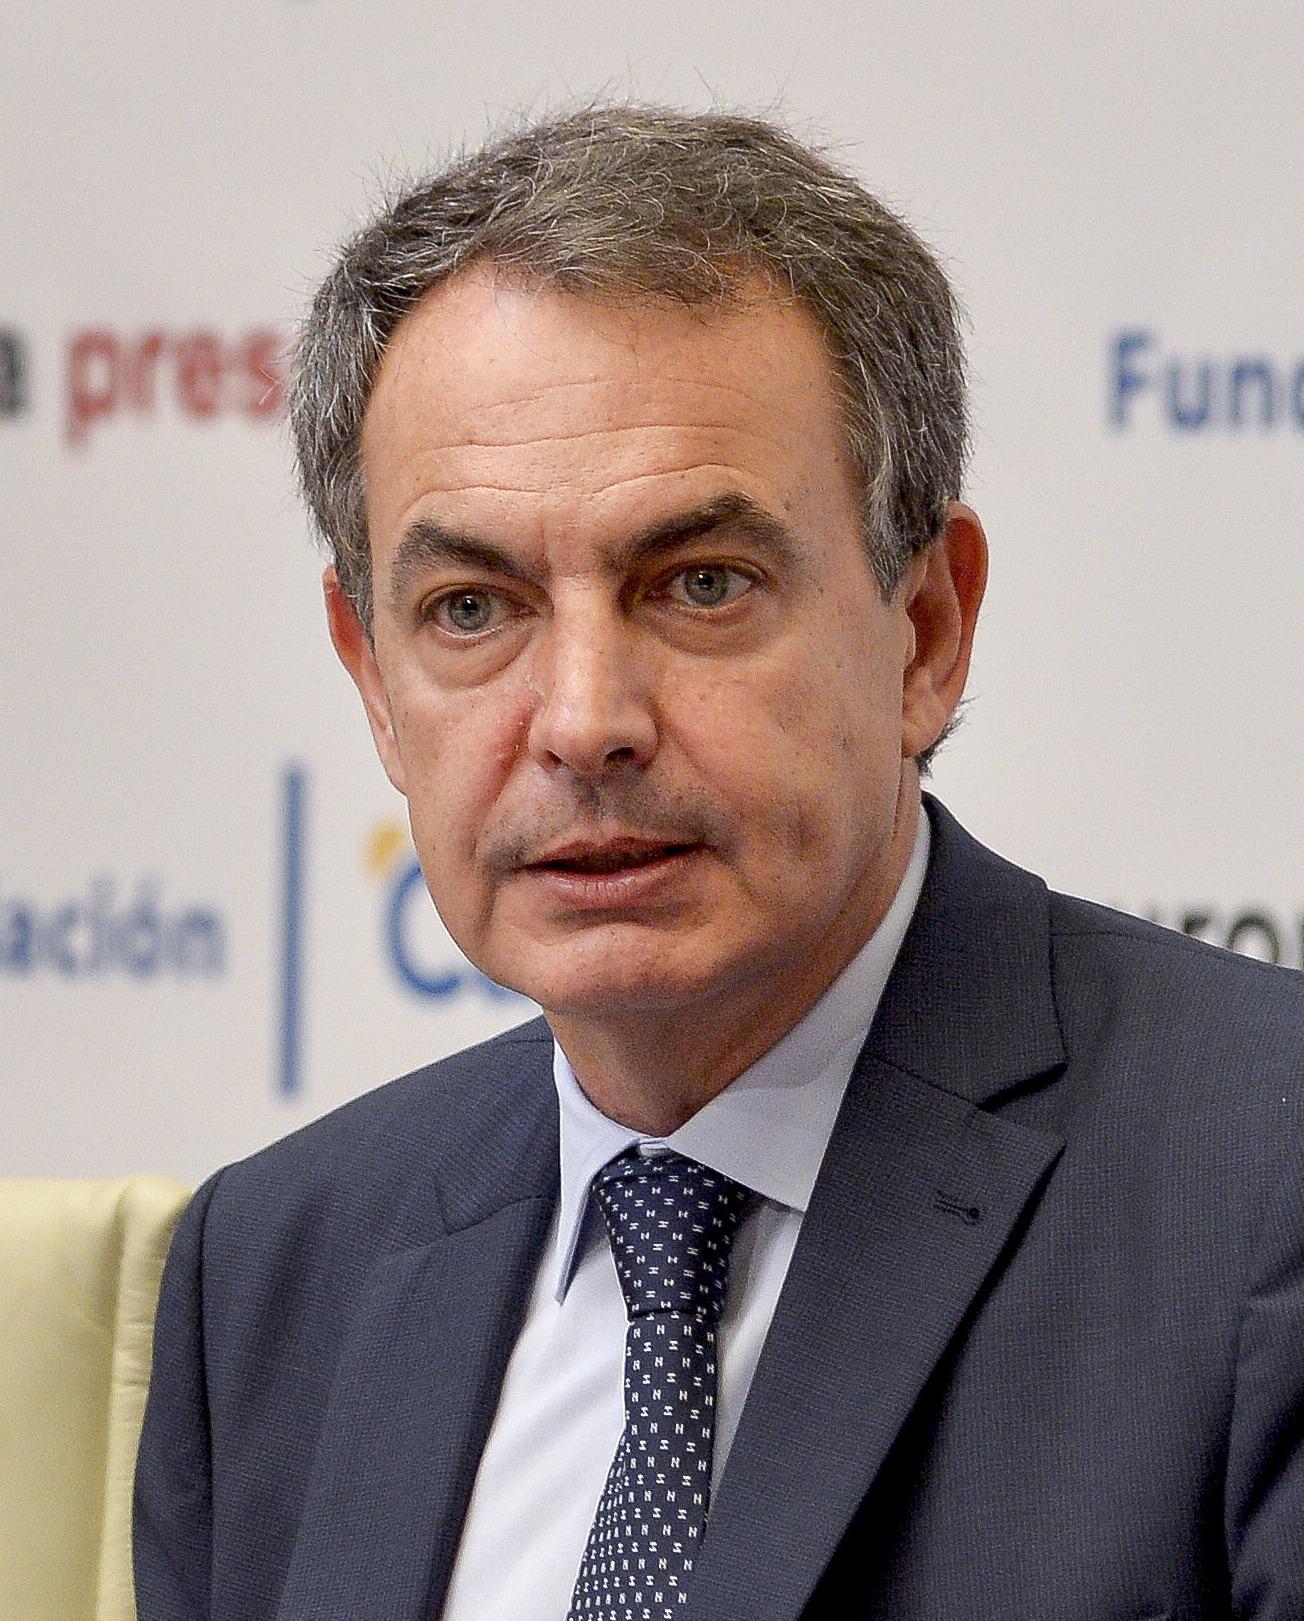 José Luis Rodríguez Zapatero - - 375.4KB